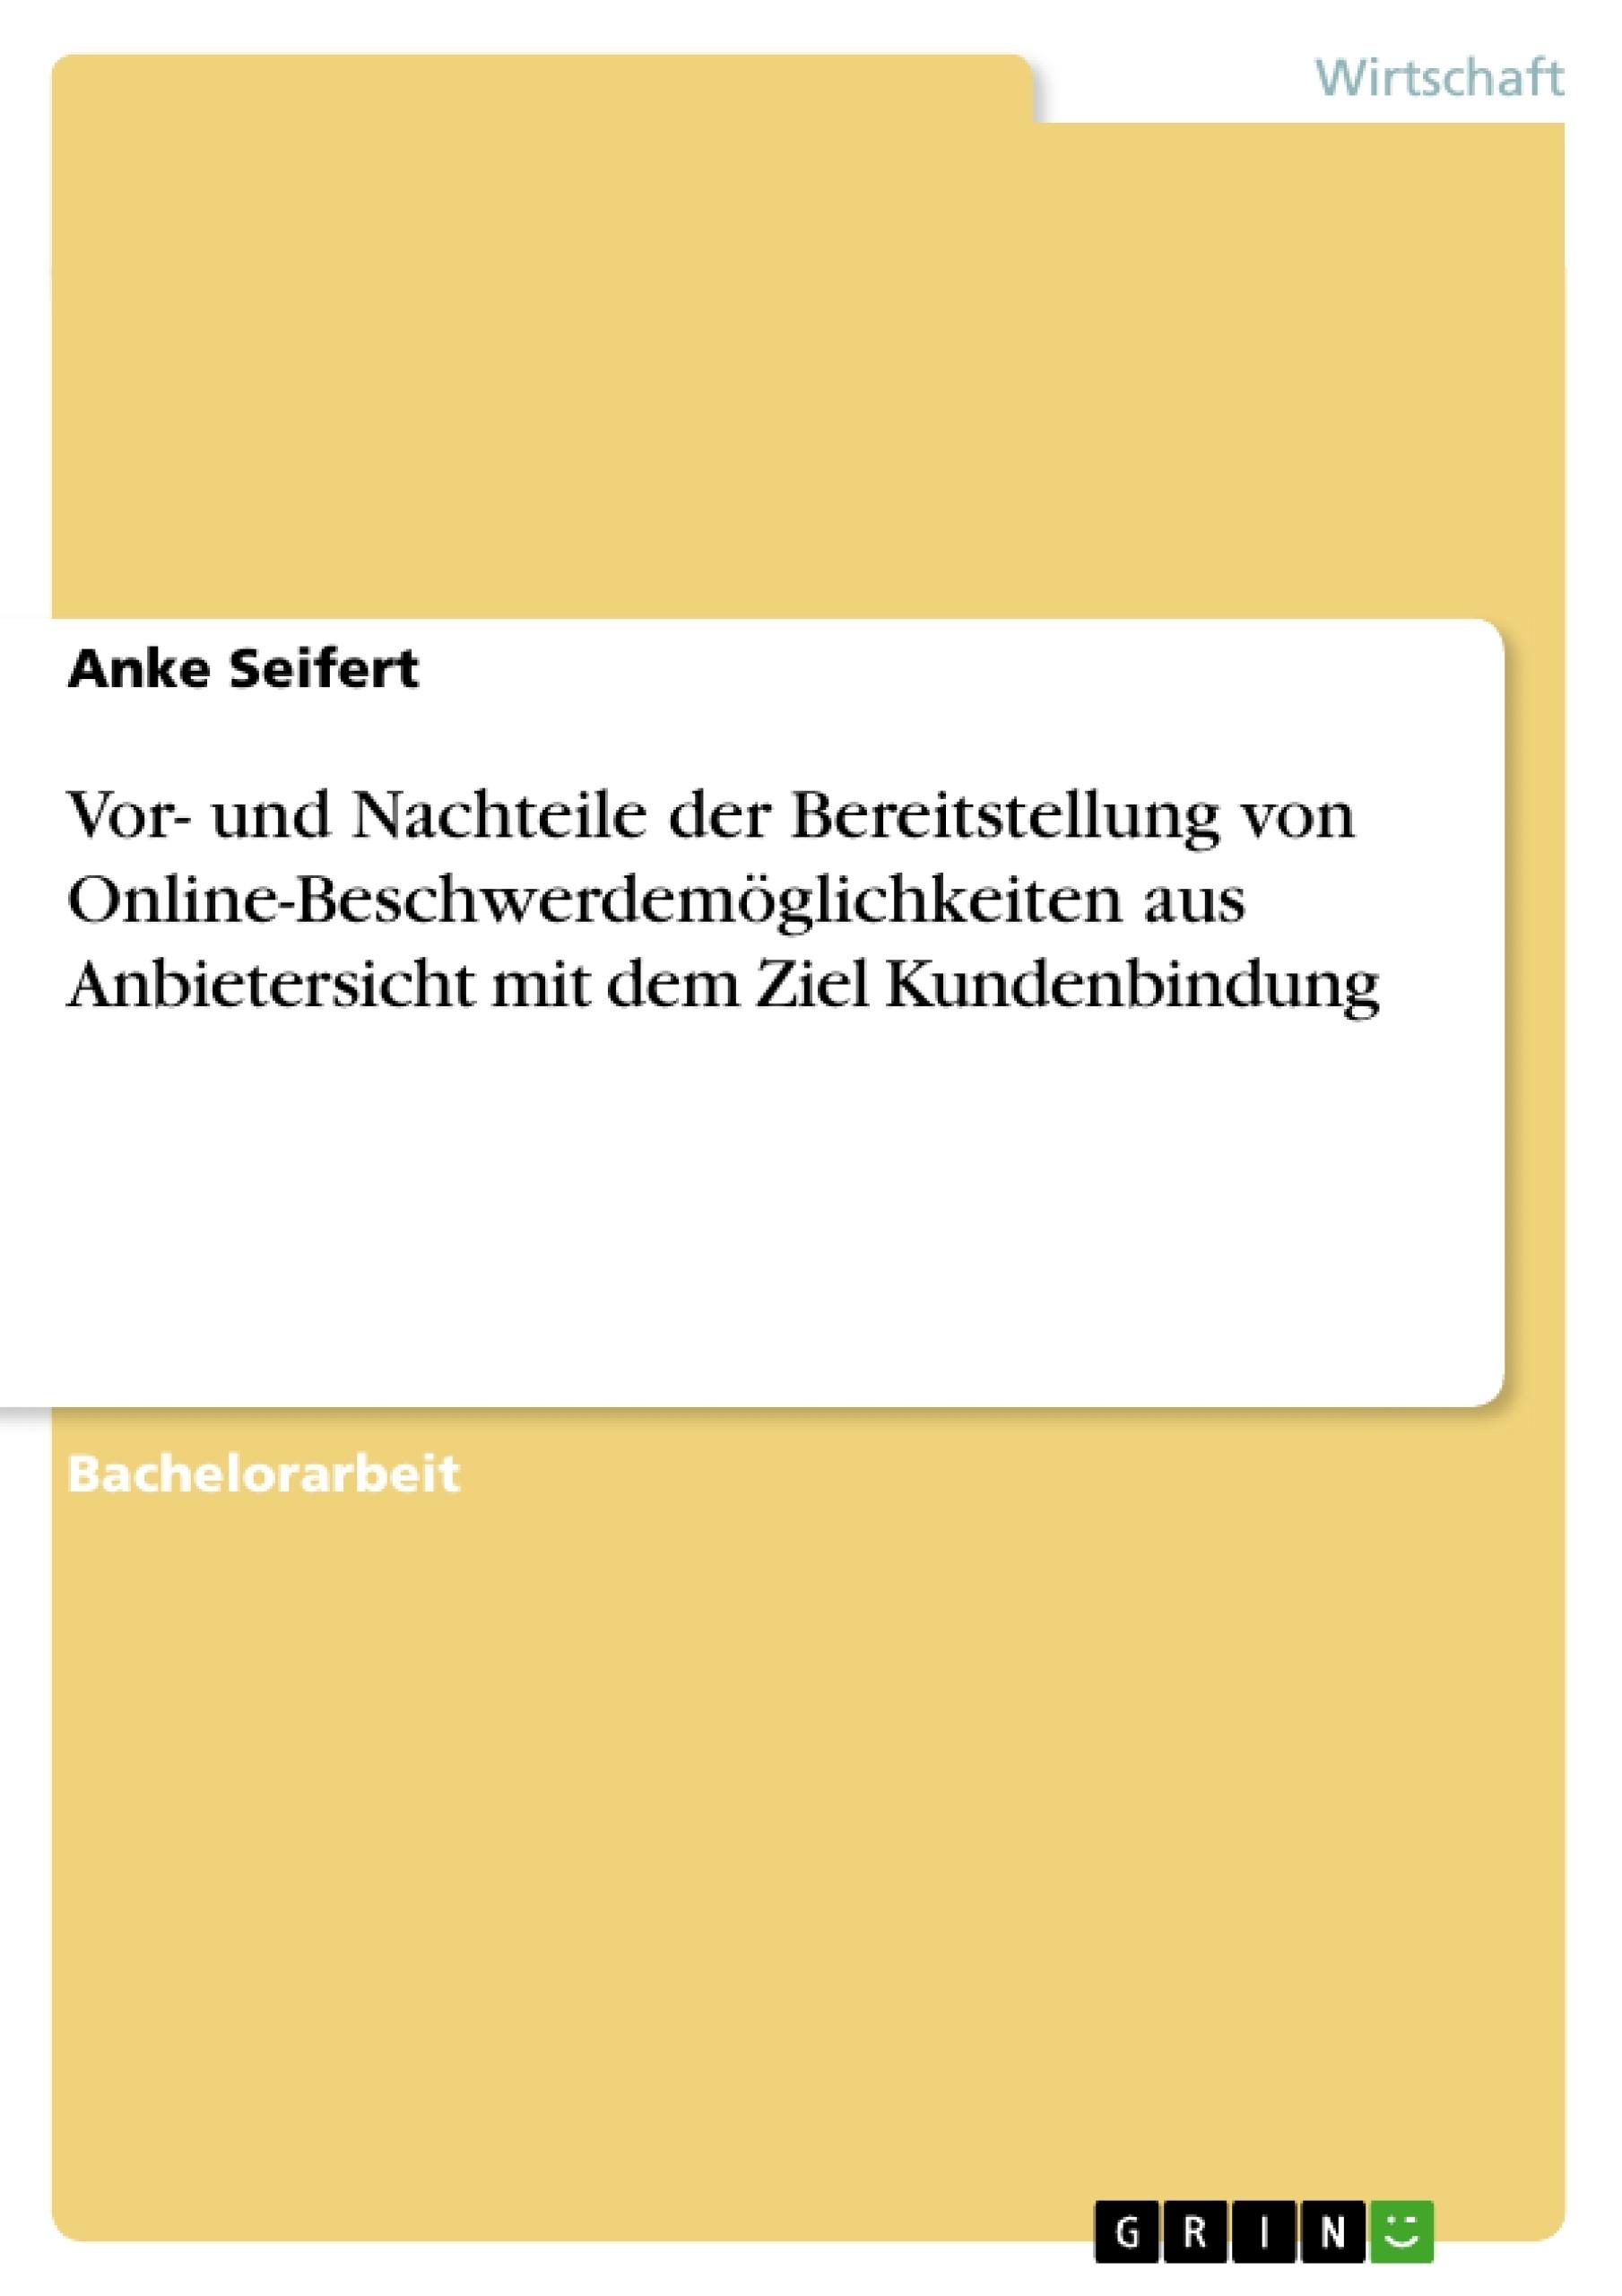 Titel: Vor- und Nachteile der Bereitstellung von Online-Beschwerdemöglichkeiten aus Anbietersicht mit dem Ziel Kundenbindung